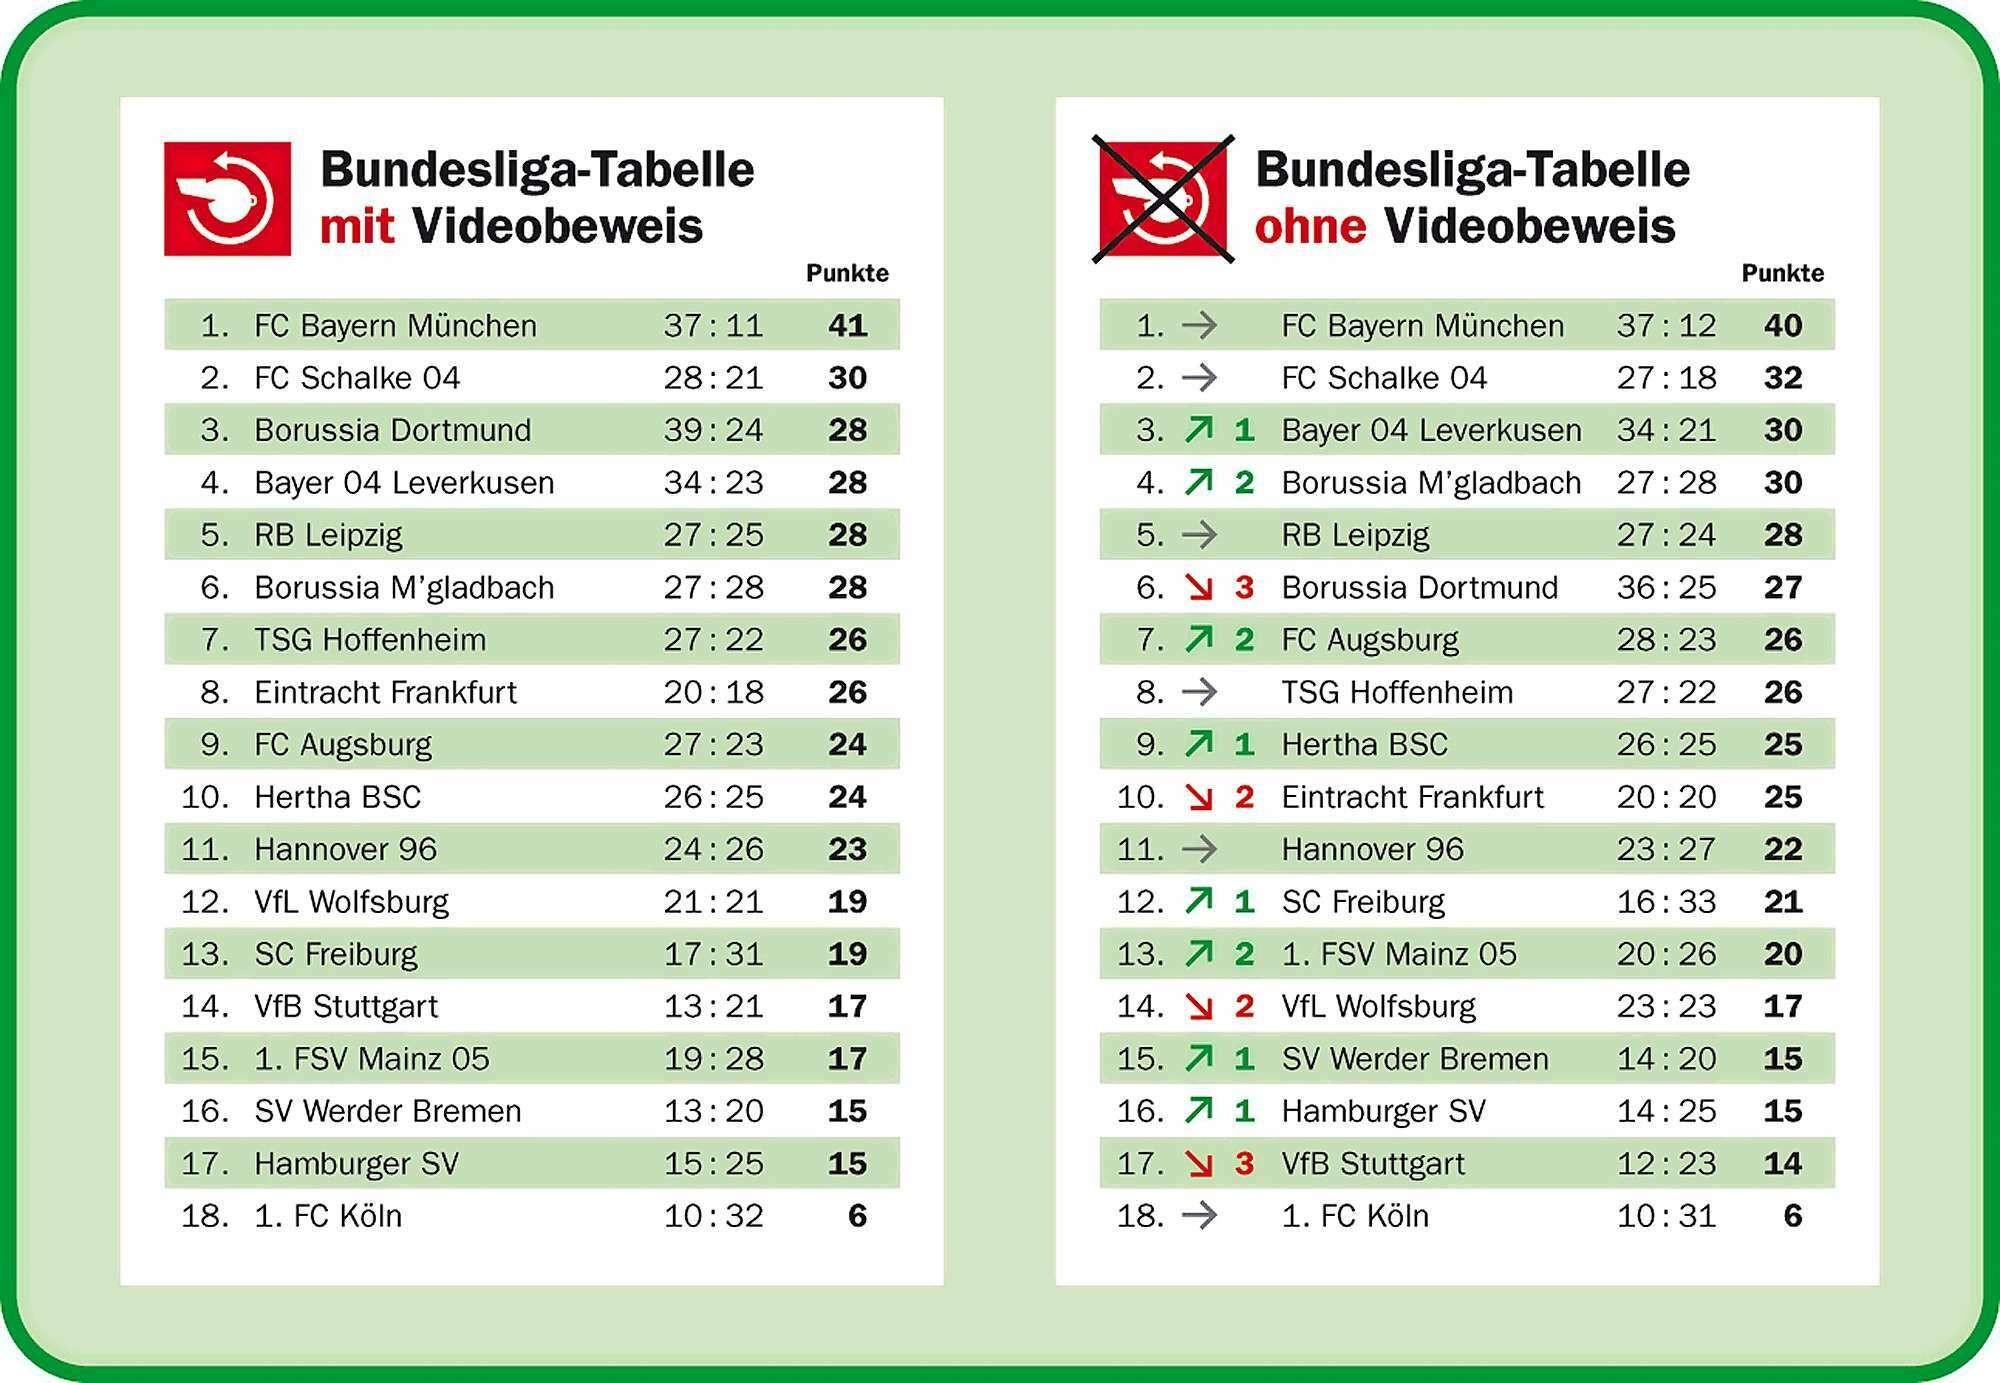 Tabelle Html  Fußball Bundesliga So würde Tabelle ohne Videobeweis